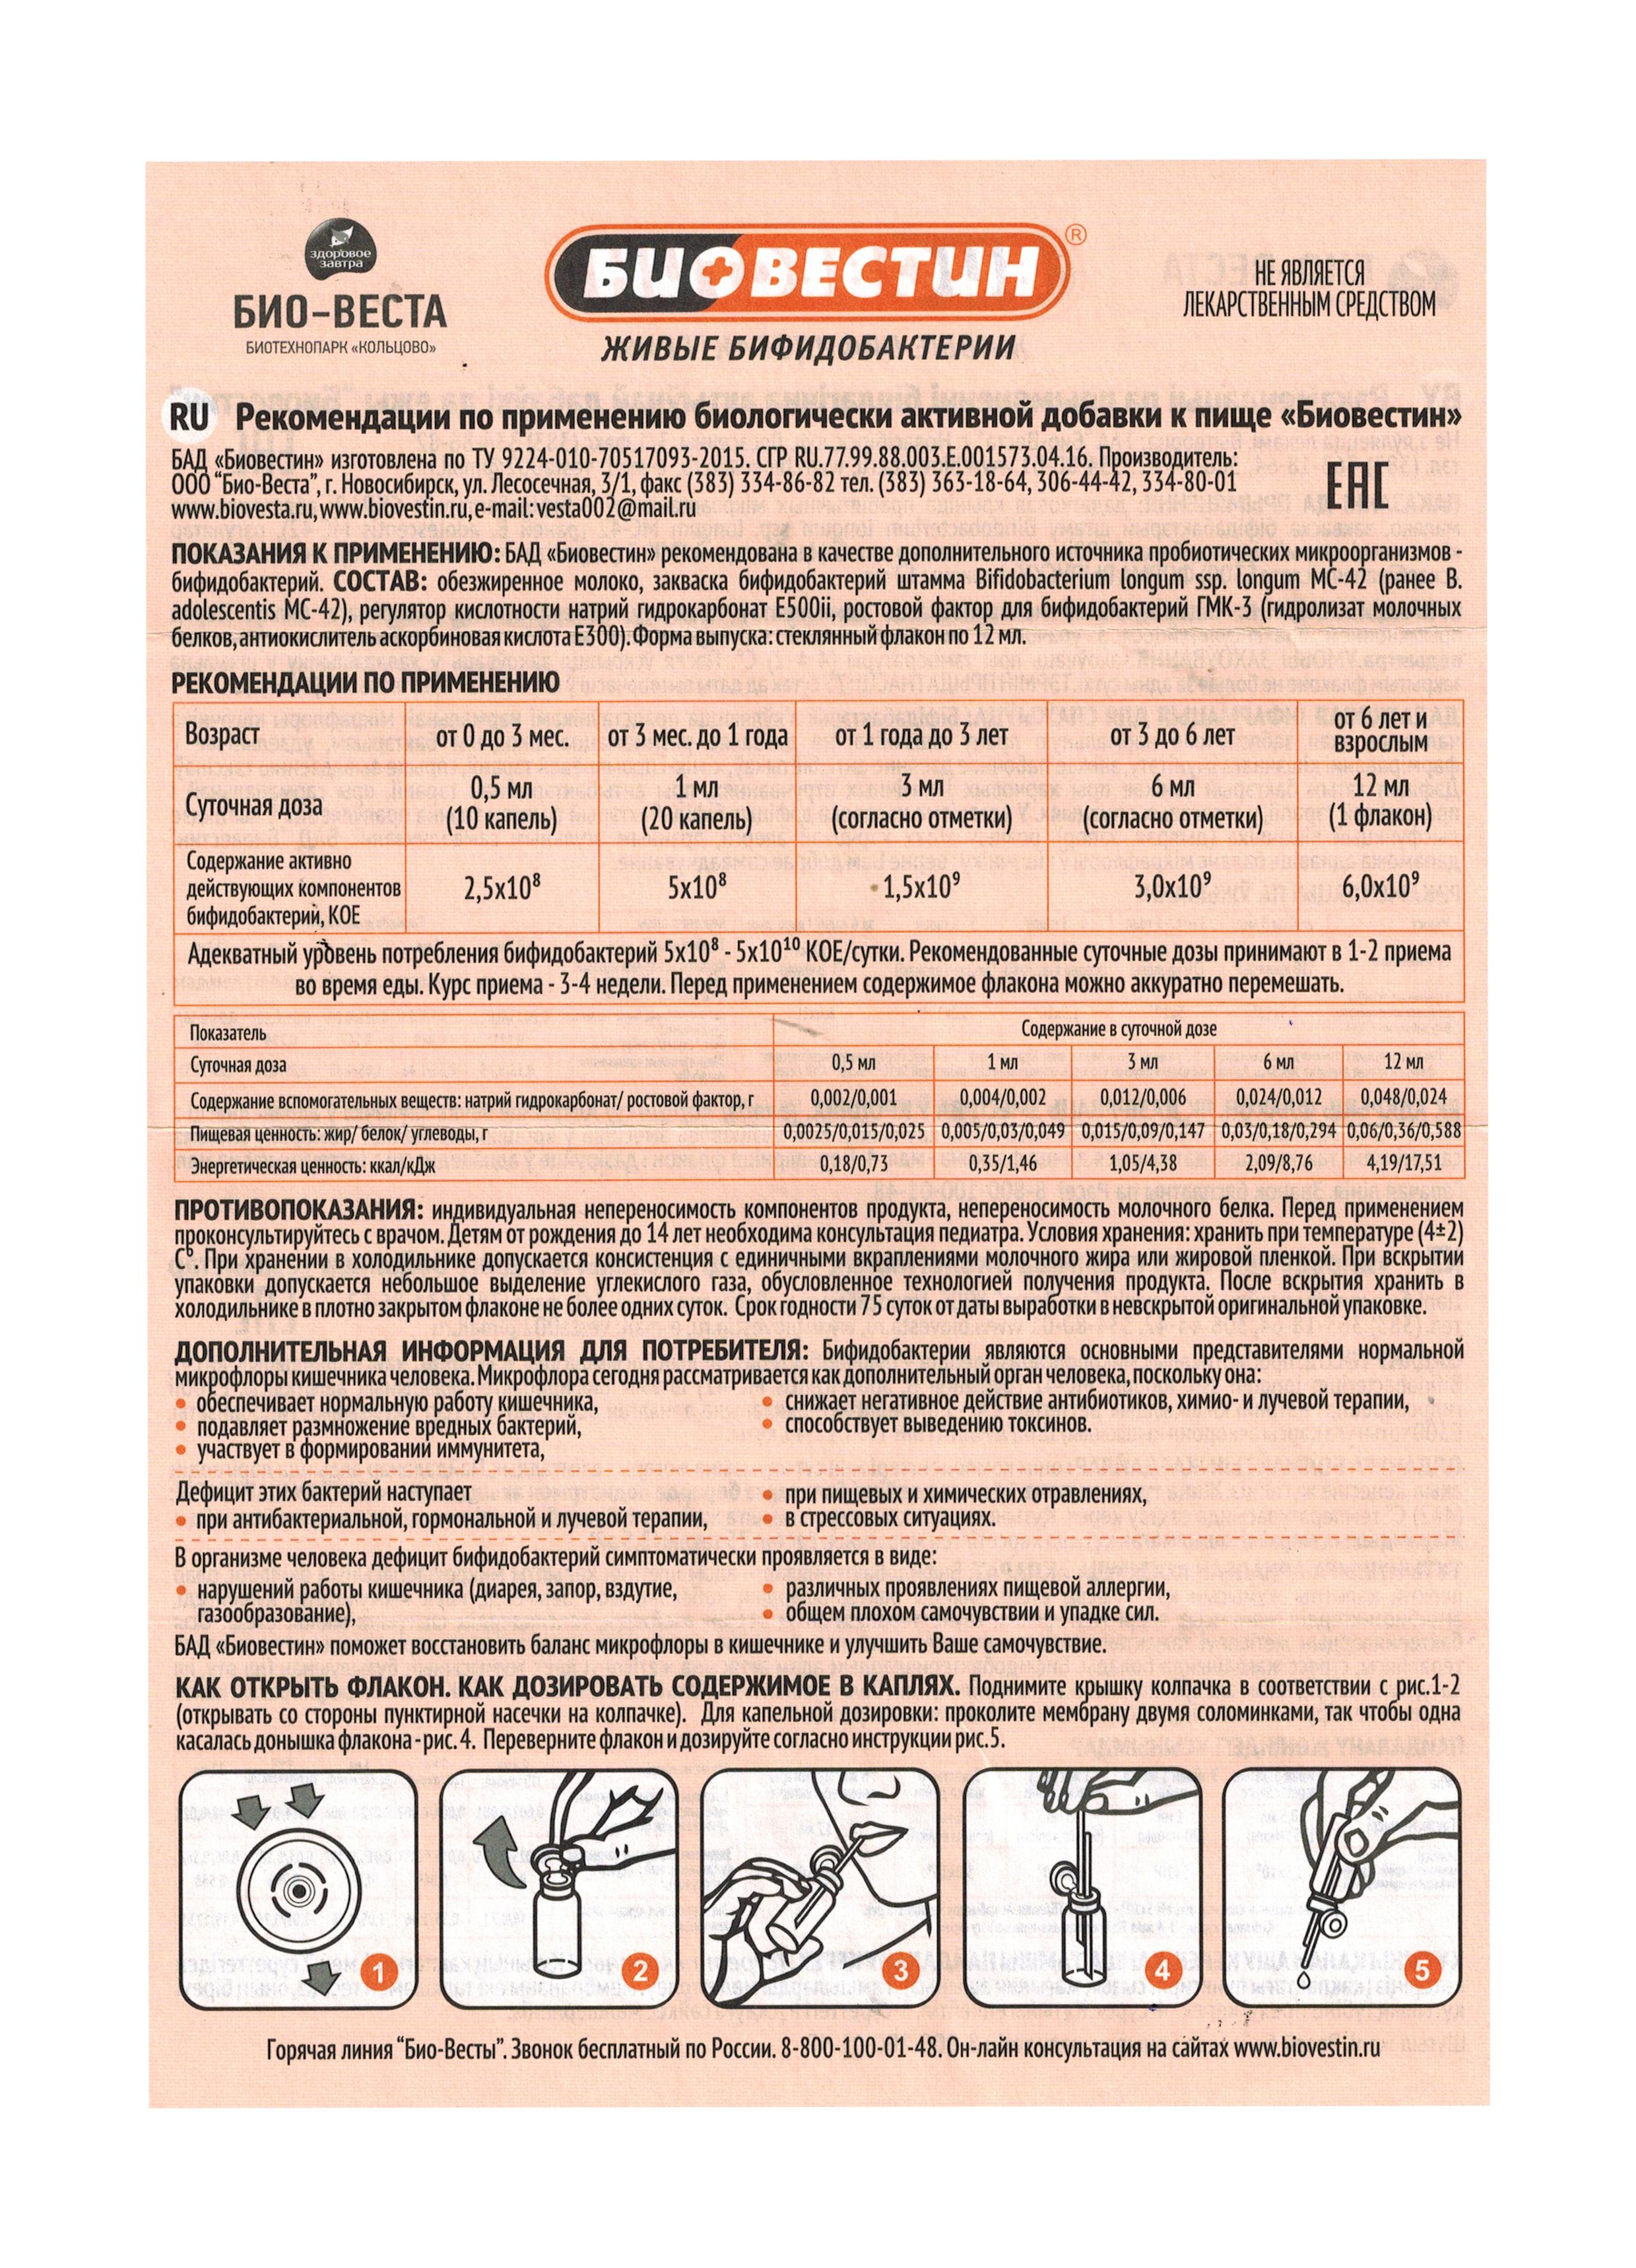 Биовестин бифидобактерии инструкция